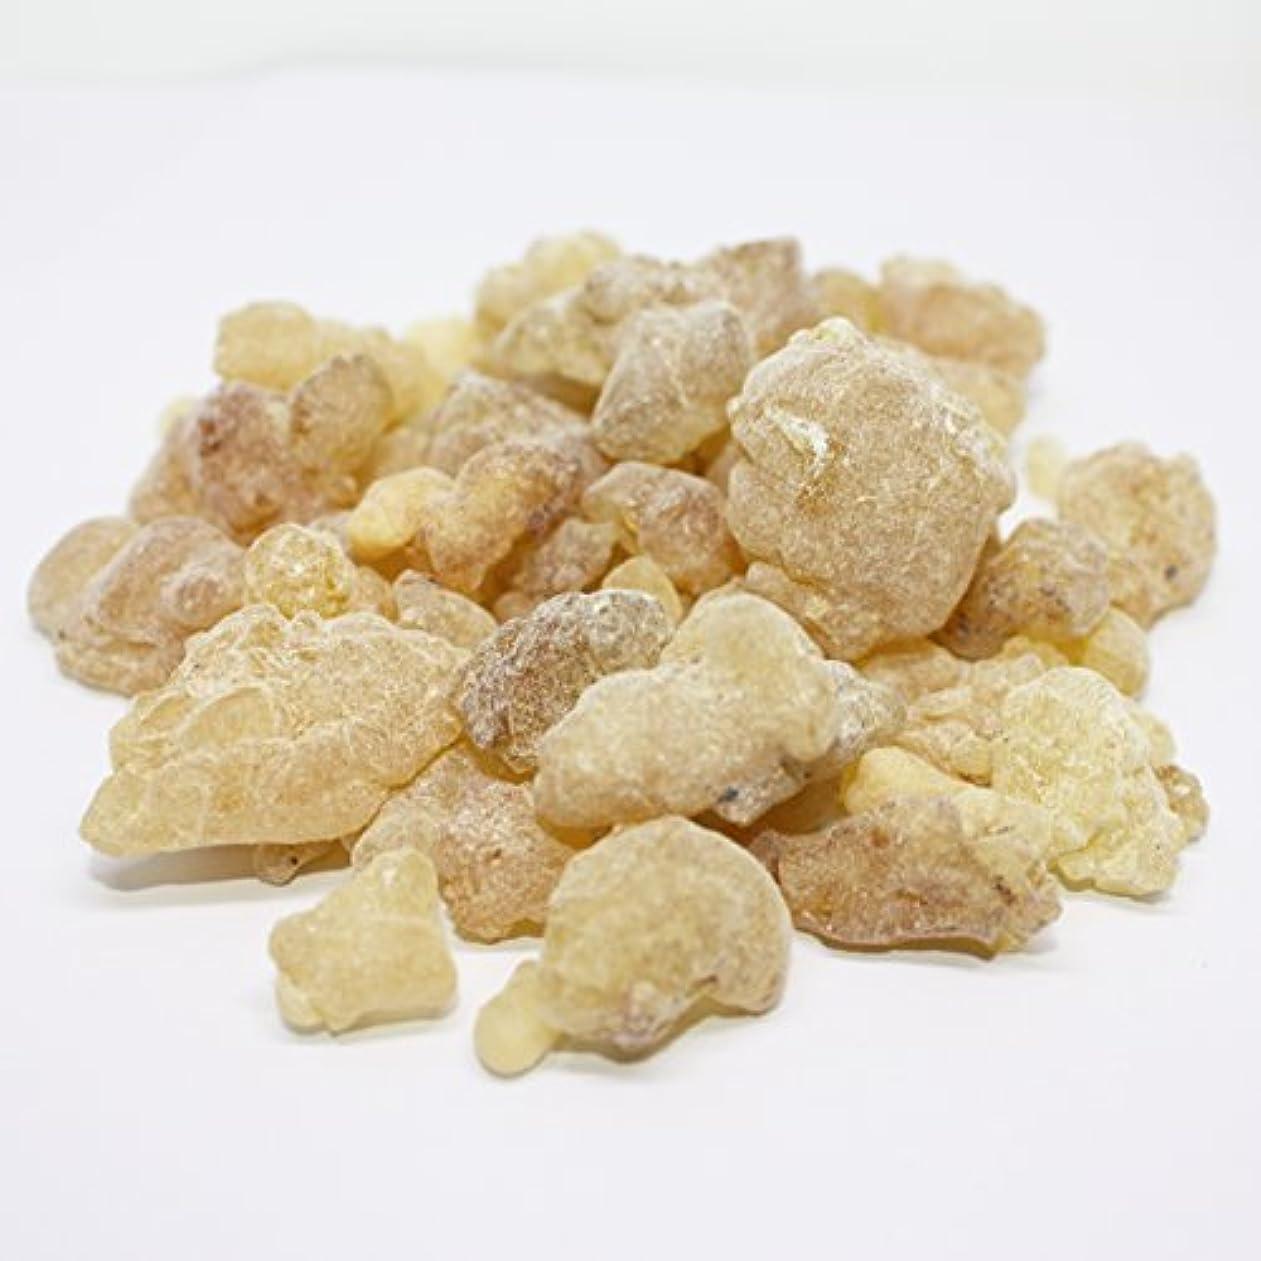 ラフ嫌がらせ生き残りNWI Trading Company Ethiopianフランキンセンス – Frankincense樹脂 – Boswellia paypyrifea – 2オンス